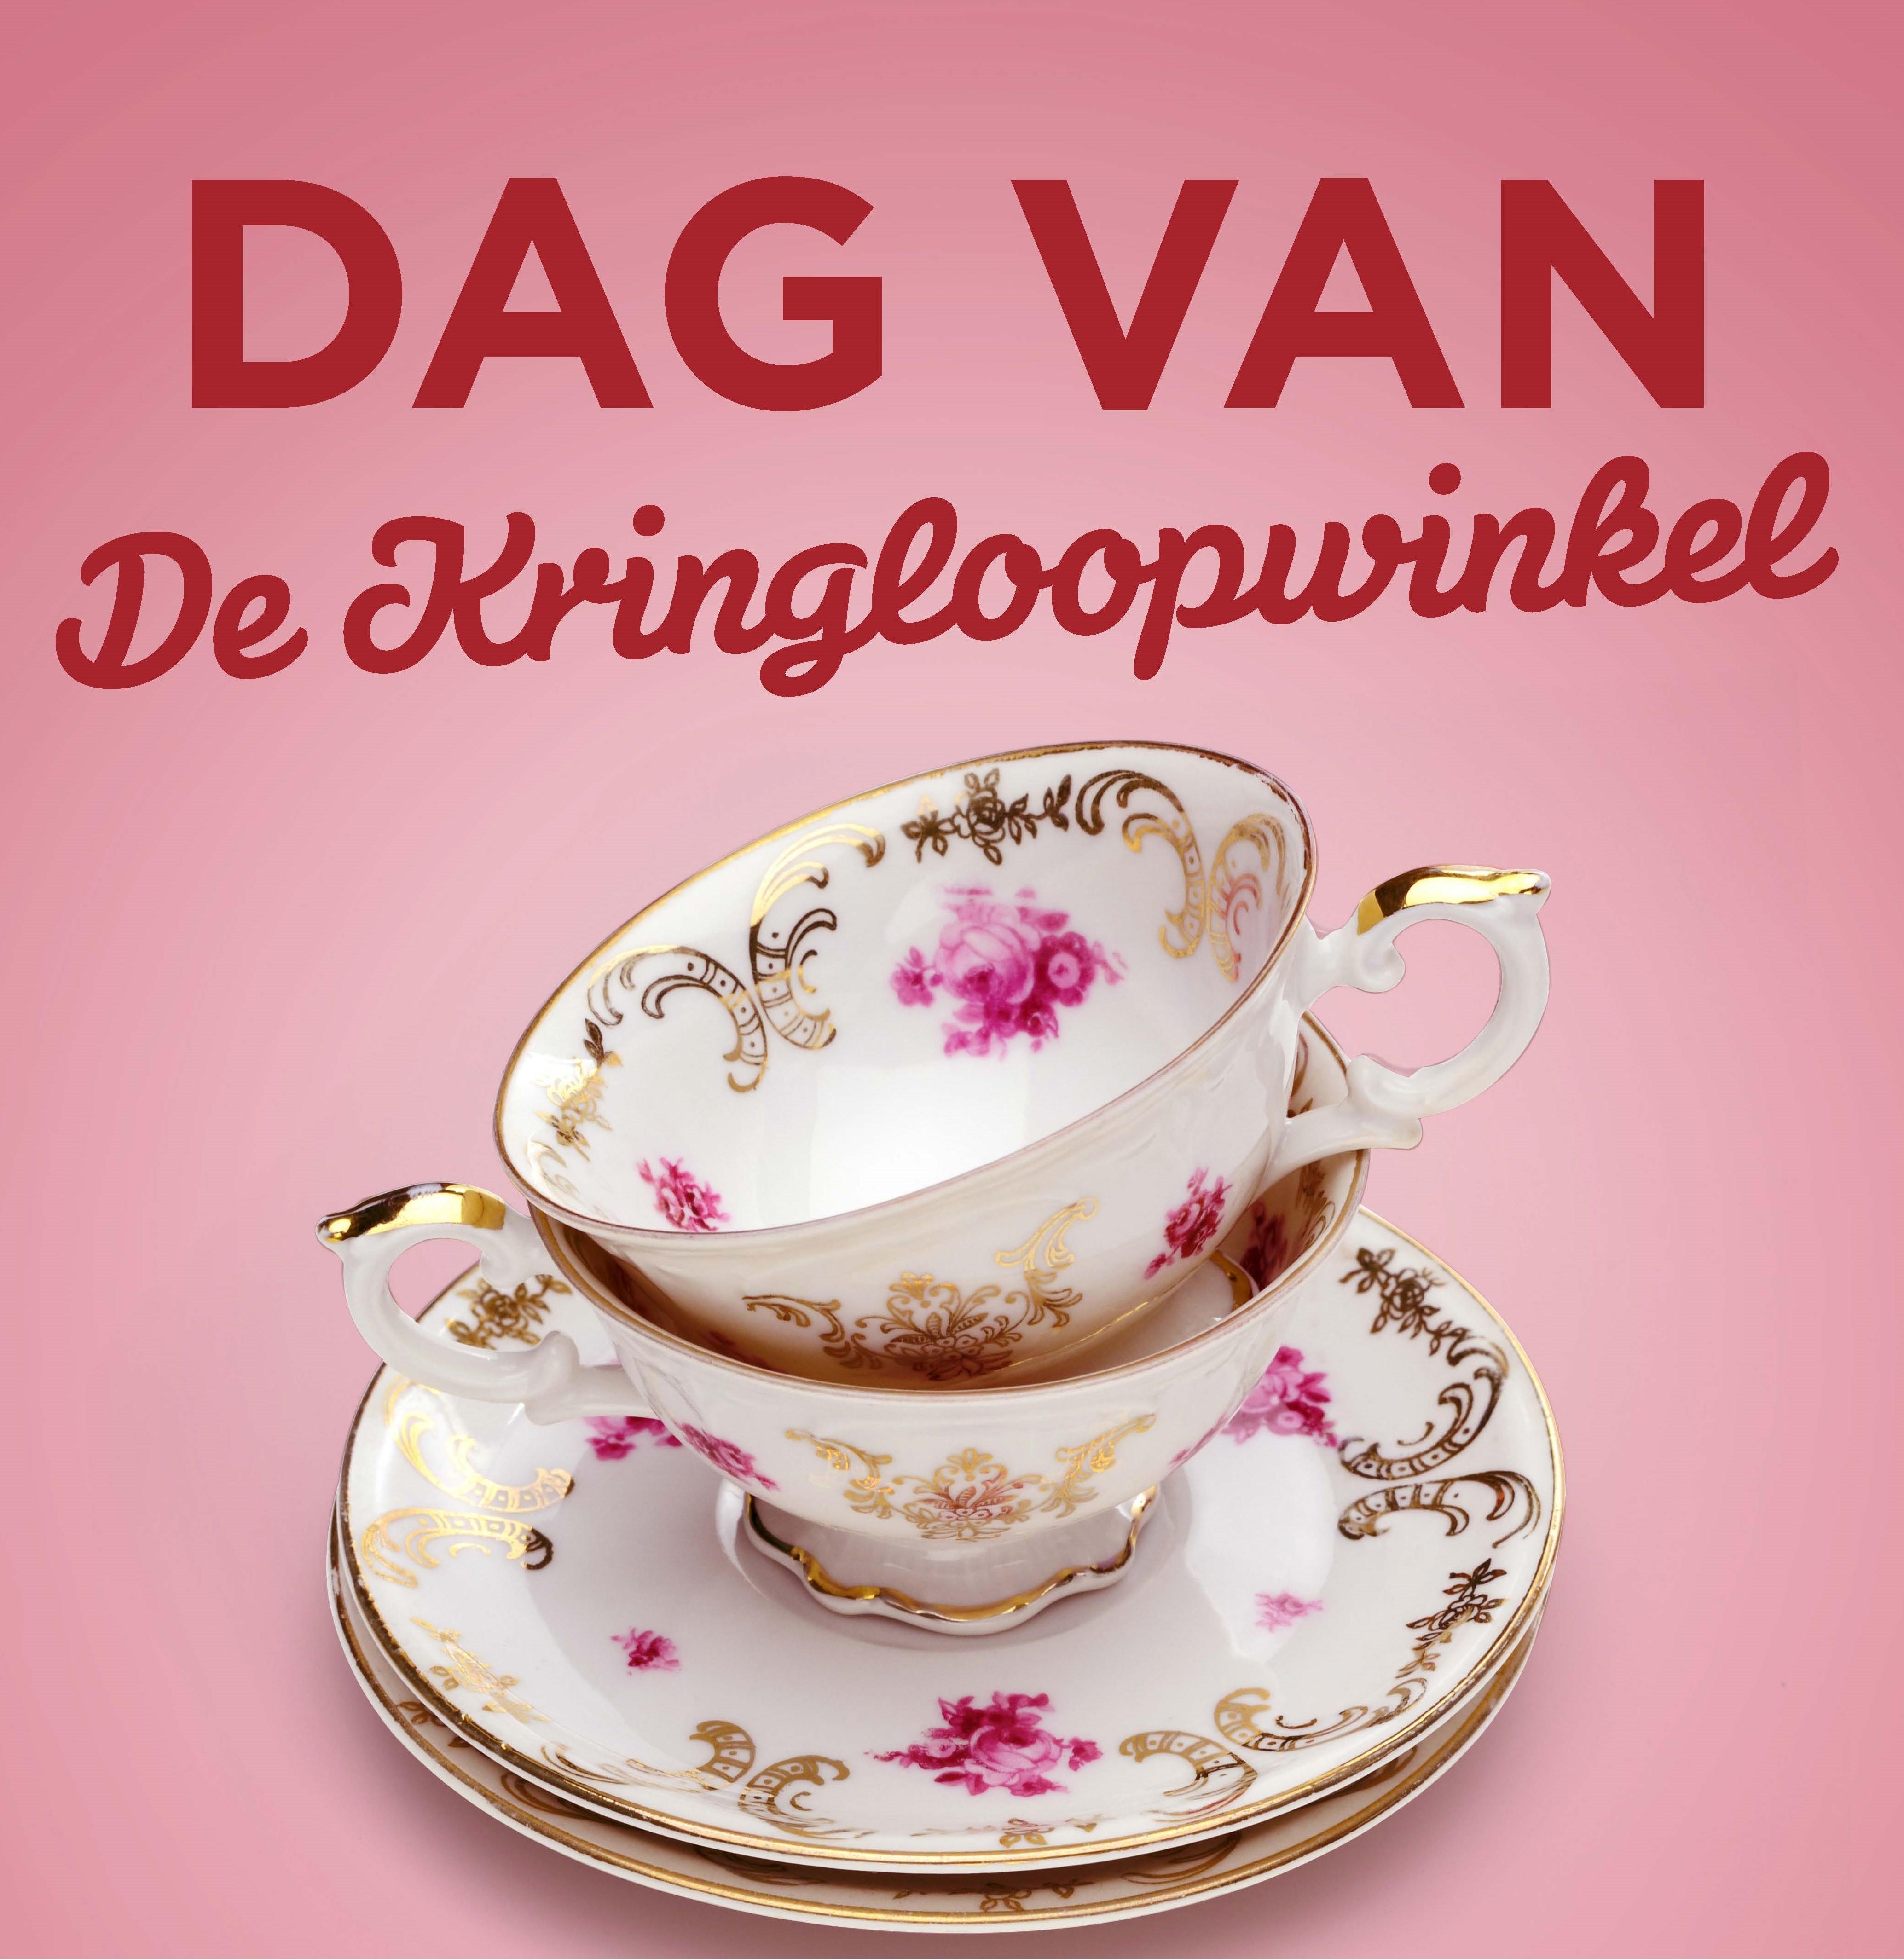 20 oktober: Dag van De Kringloopwinkel